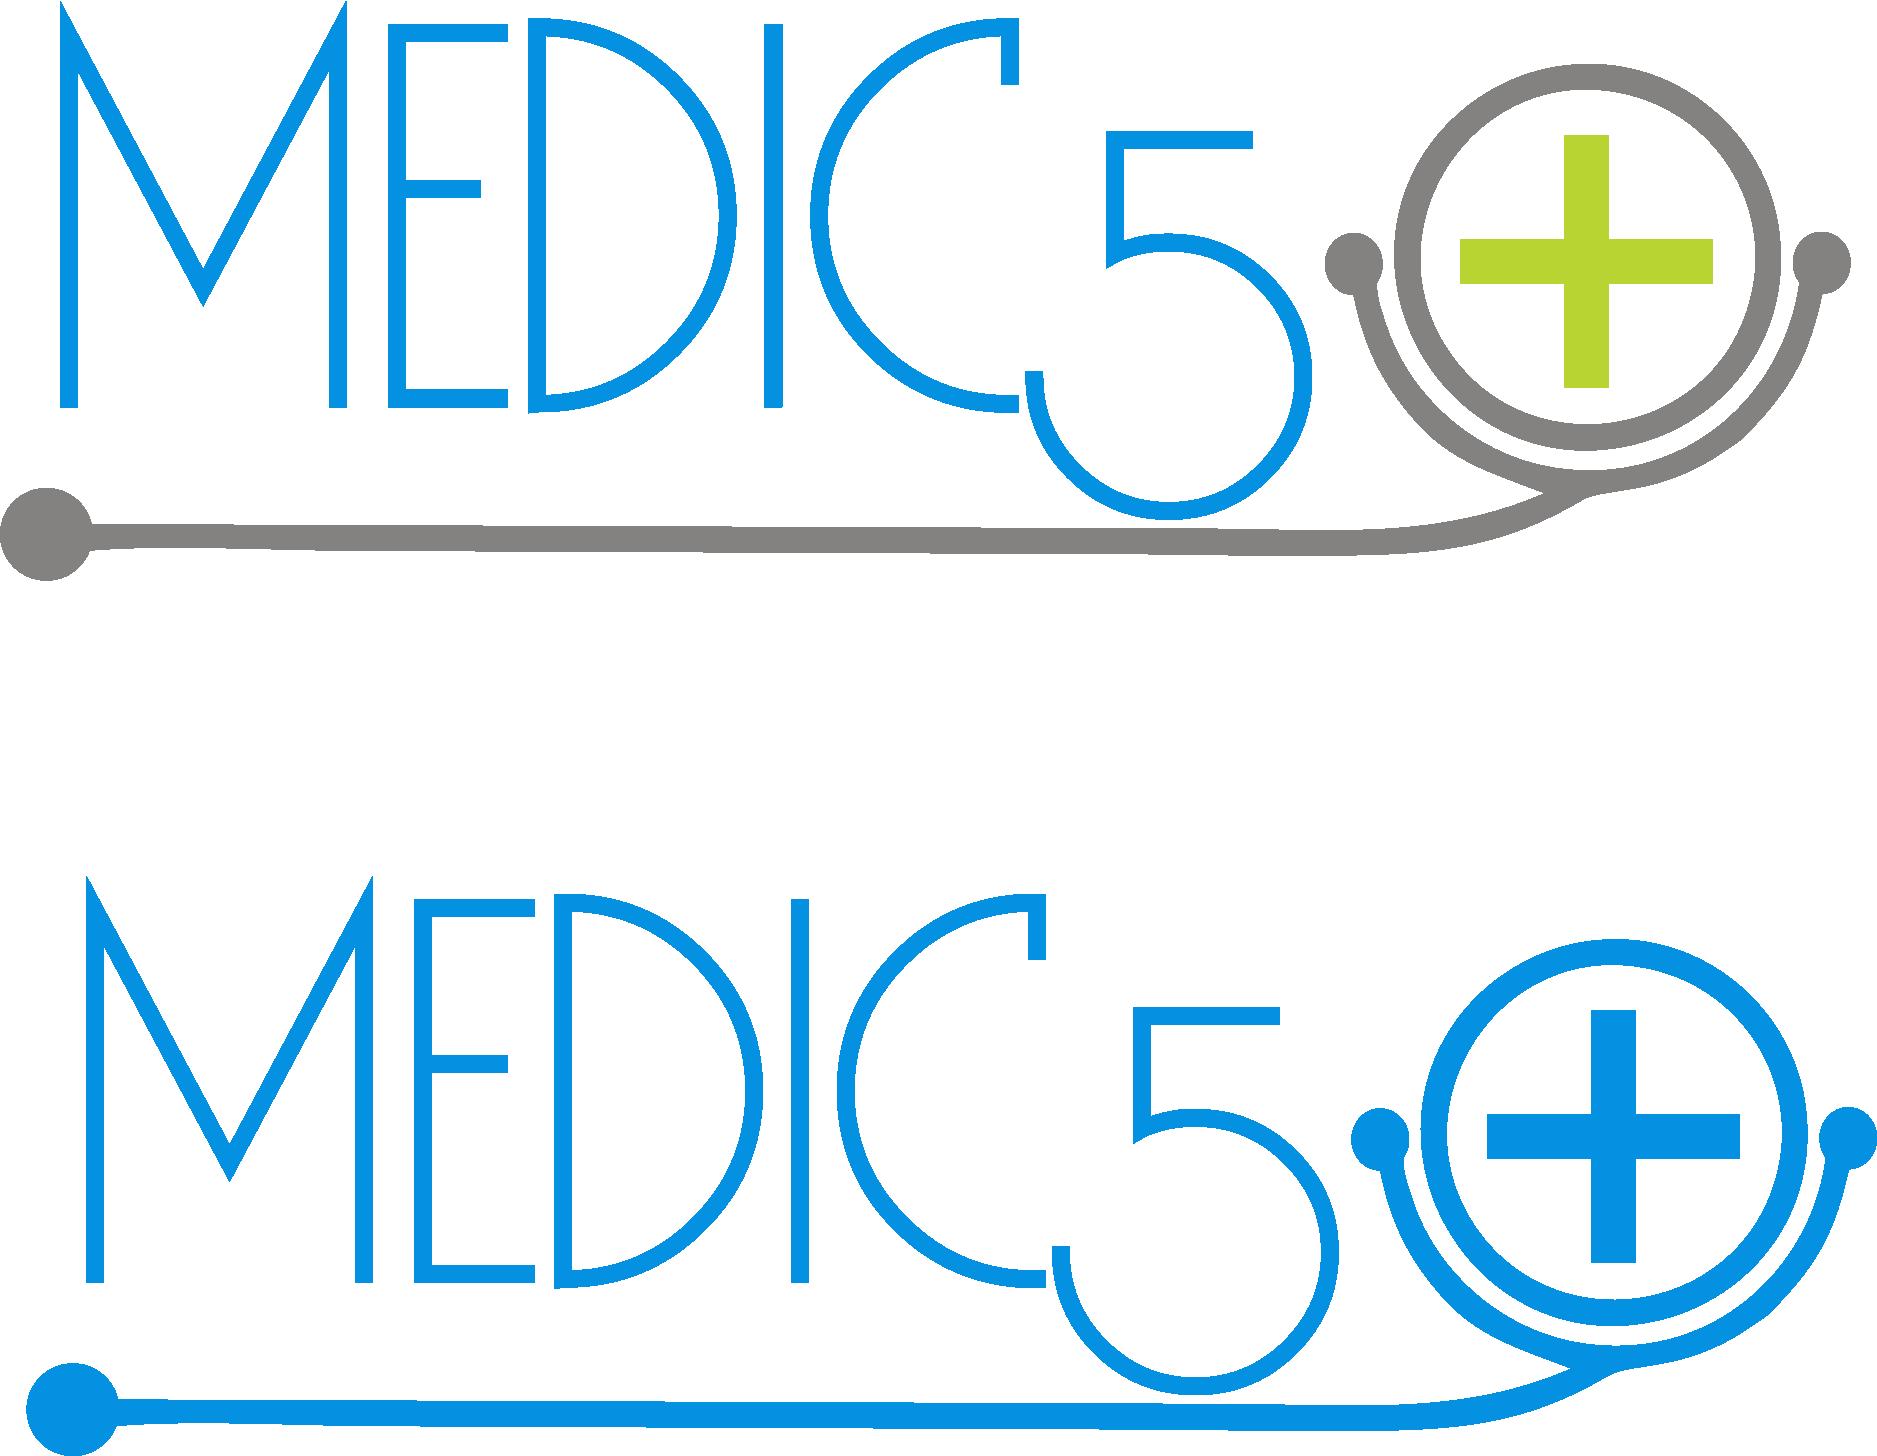 Готовый логотип или эскиз (мед. тематика) фото f_82955ae8c0e49aeb.png